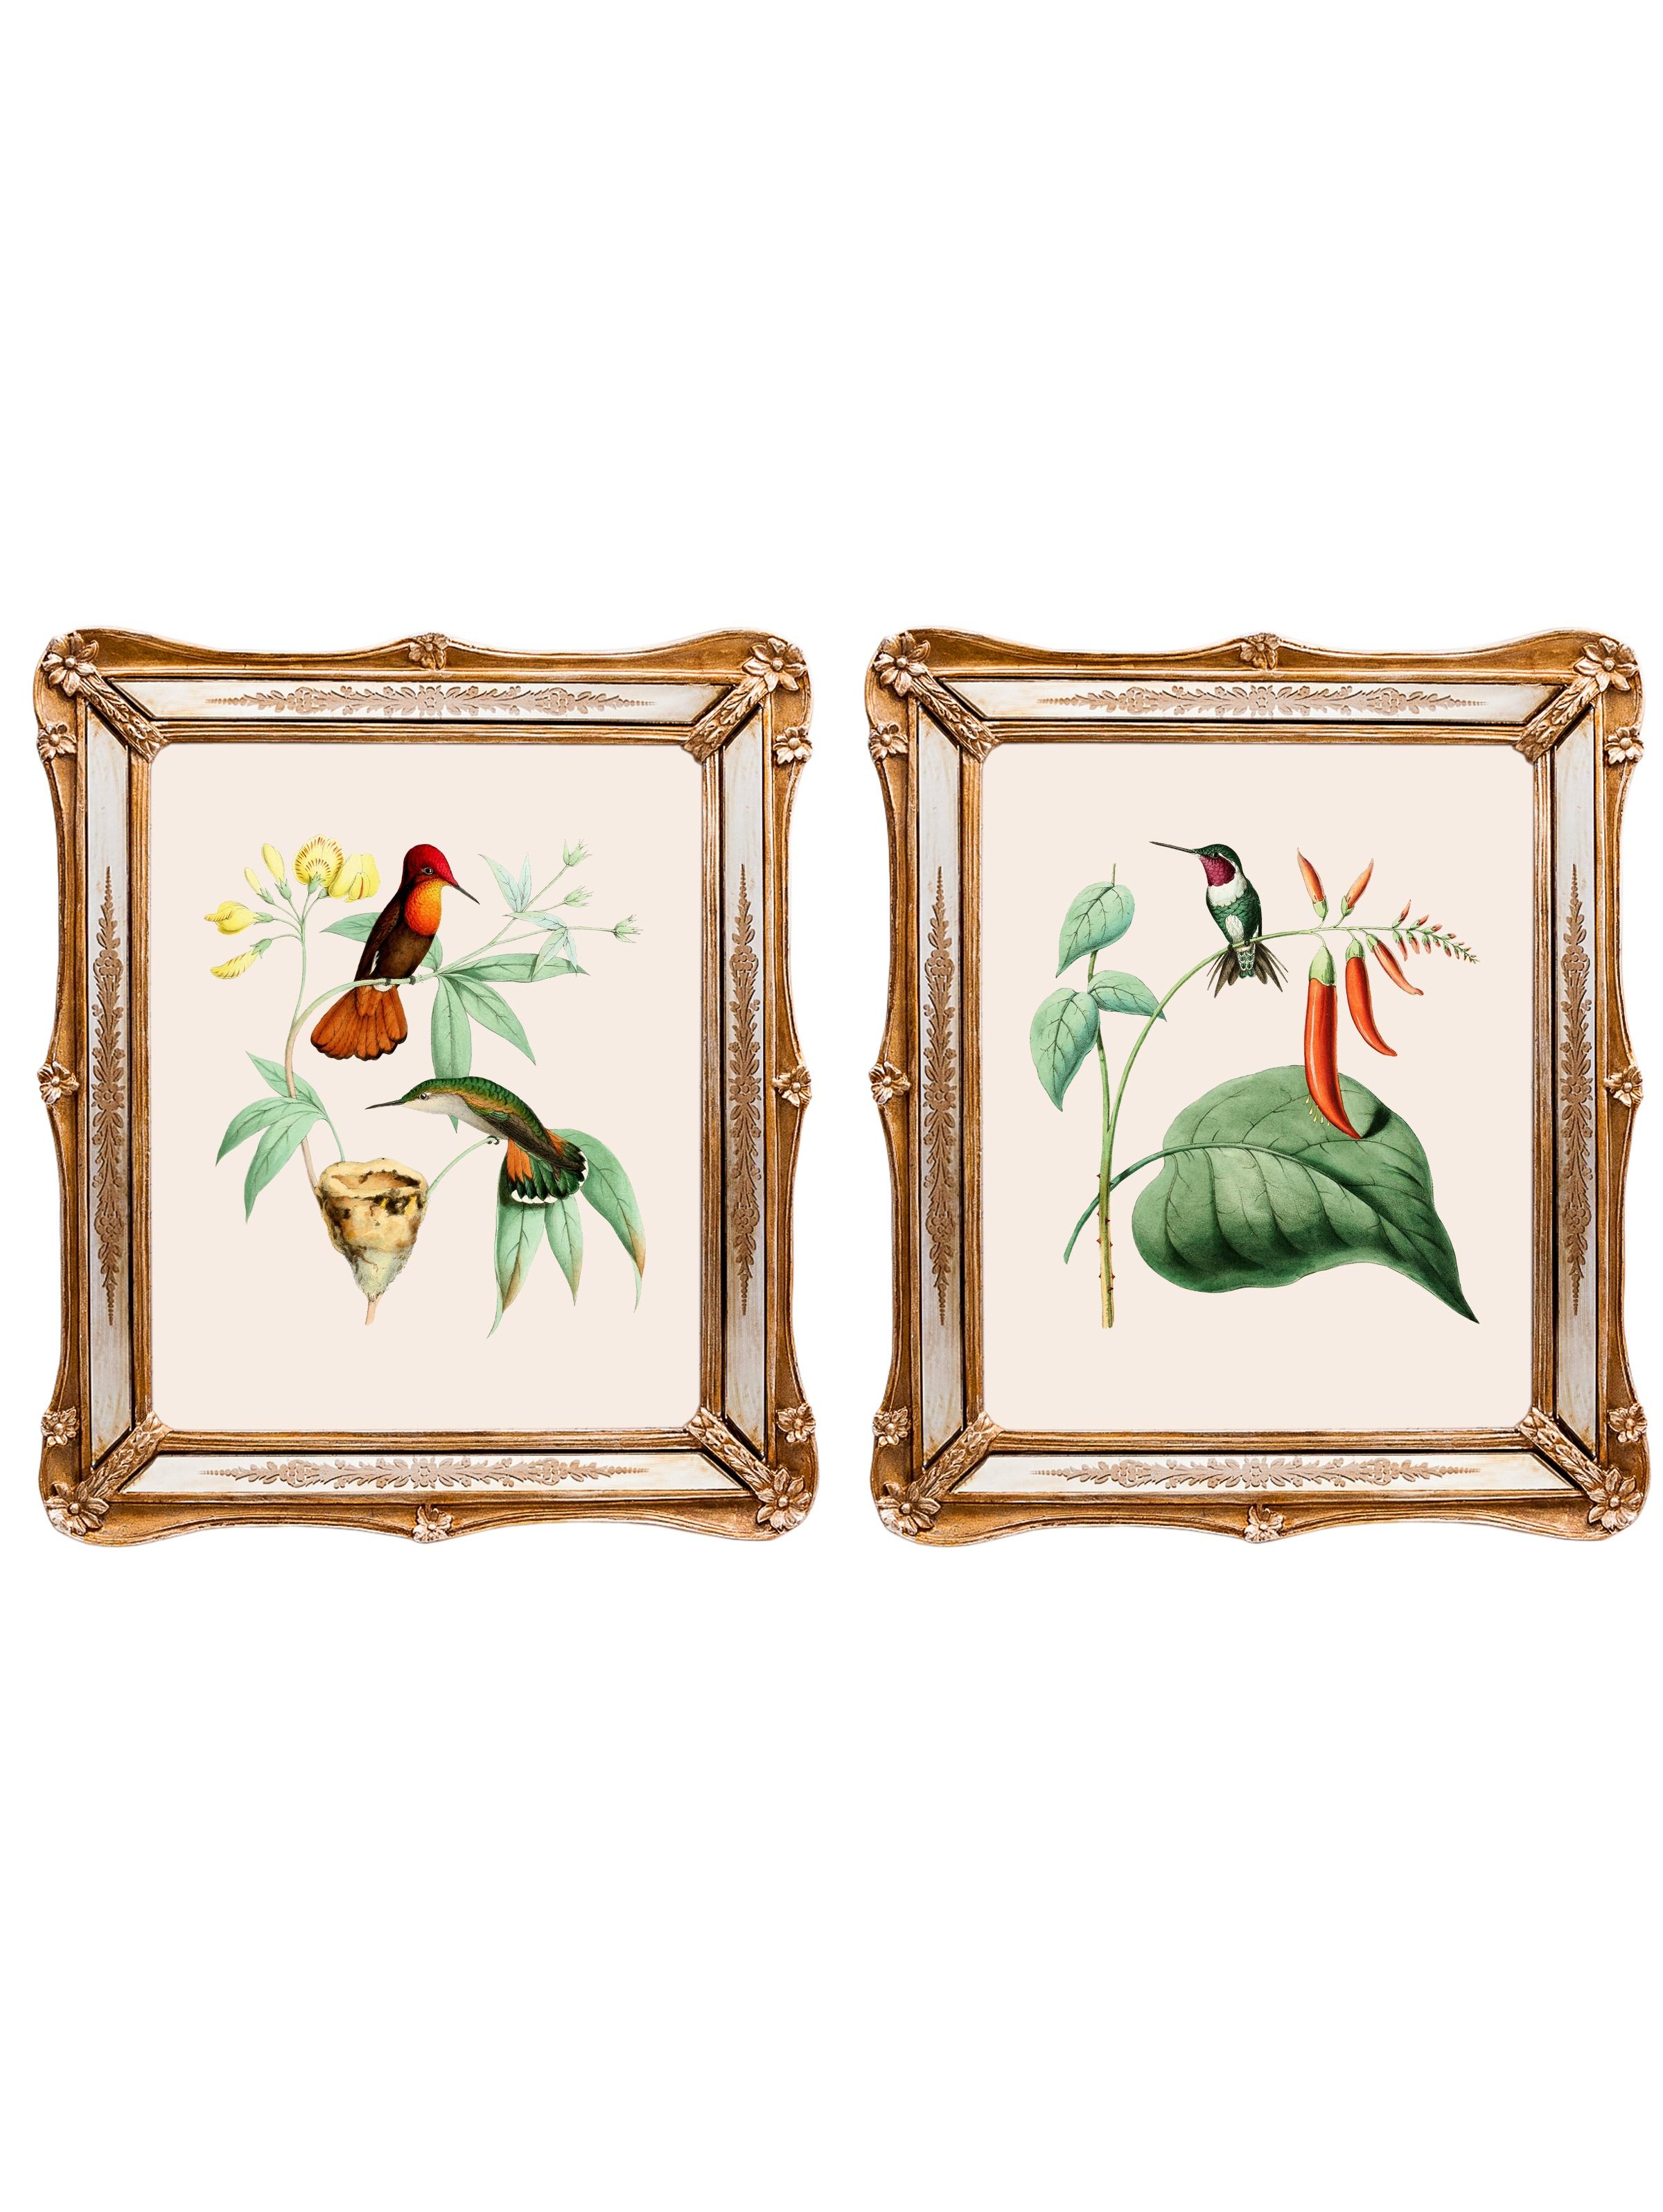 Набор из двух репродукций Софи.Картины<br>&amp;lt;div&amp;gt;Репродукции акварелей 19 века с изображениями райских птиц наполнят атмосферу дома волнительными нотками прошлых столетий. На этих работах присутствует ореол романтики, теплоты, нежности. Репродукции акварелей в рамах с зеркальными вставками и золотым рельефом фантастически преображается в освещенном солнцем интерьере. Картины можно повесить на стену, а можно поставить, например, на стол или камин. Защитный стеклянный слой сохранит изображение от воздействий окружающей среды. Если Вам захочется обновить интерьер, Вы можете с легкостью заменить изображение картины!&amp;lt;/div&amp;gt;&amp;lt;div&amp;gt;&amp;lt;br&amp;gt;&amp;lt;/div&amp;gt;&amp;lt;div&amp;gt;Изображение - дизайнерская бумага; рама - искуственный камень, зеркальные вставки; защитный слой - стекло&amp;amp;nbsp;&amp;lt;/div&amp;gt;&amp;lt;div&amp;gt;Цвет: мультиколор&amp;lt;/div&amp;gt;<br><br>Material: Бумага<br>Width см: 26,5<br>Depth см: 2<br>Height см: 30,5